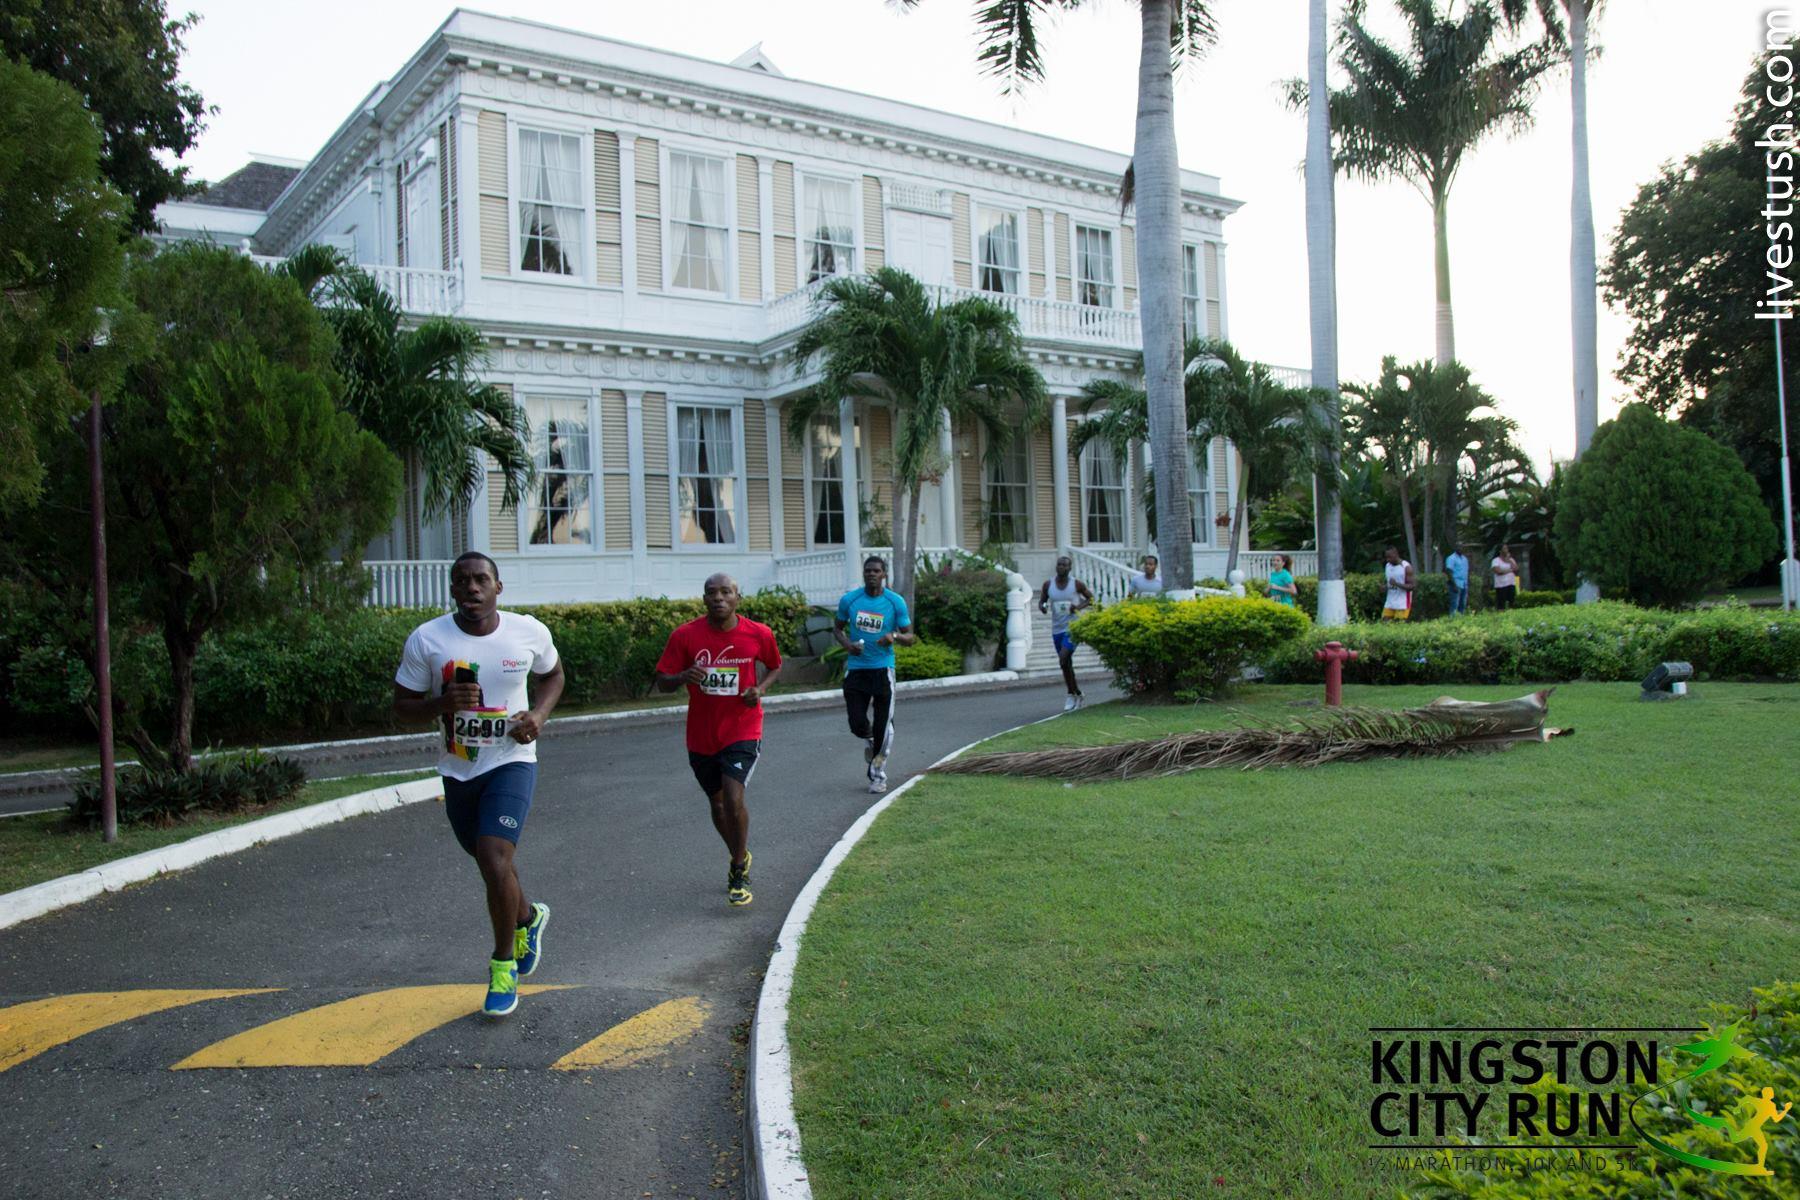 牙买加金斯敦城市赛跑